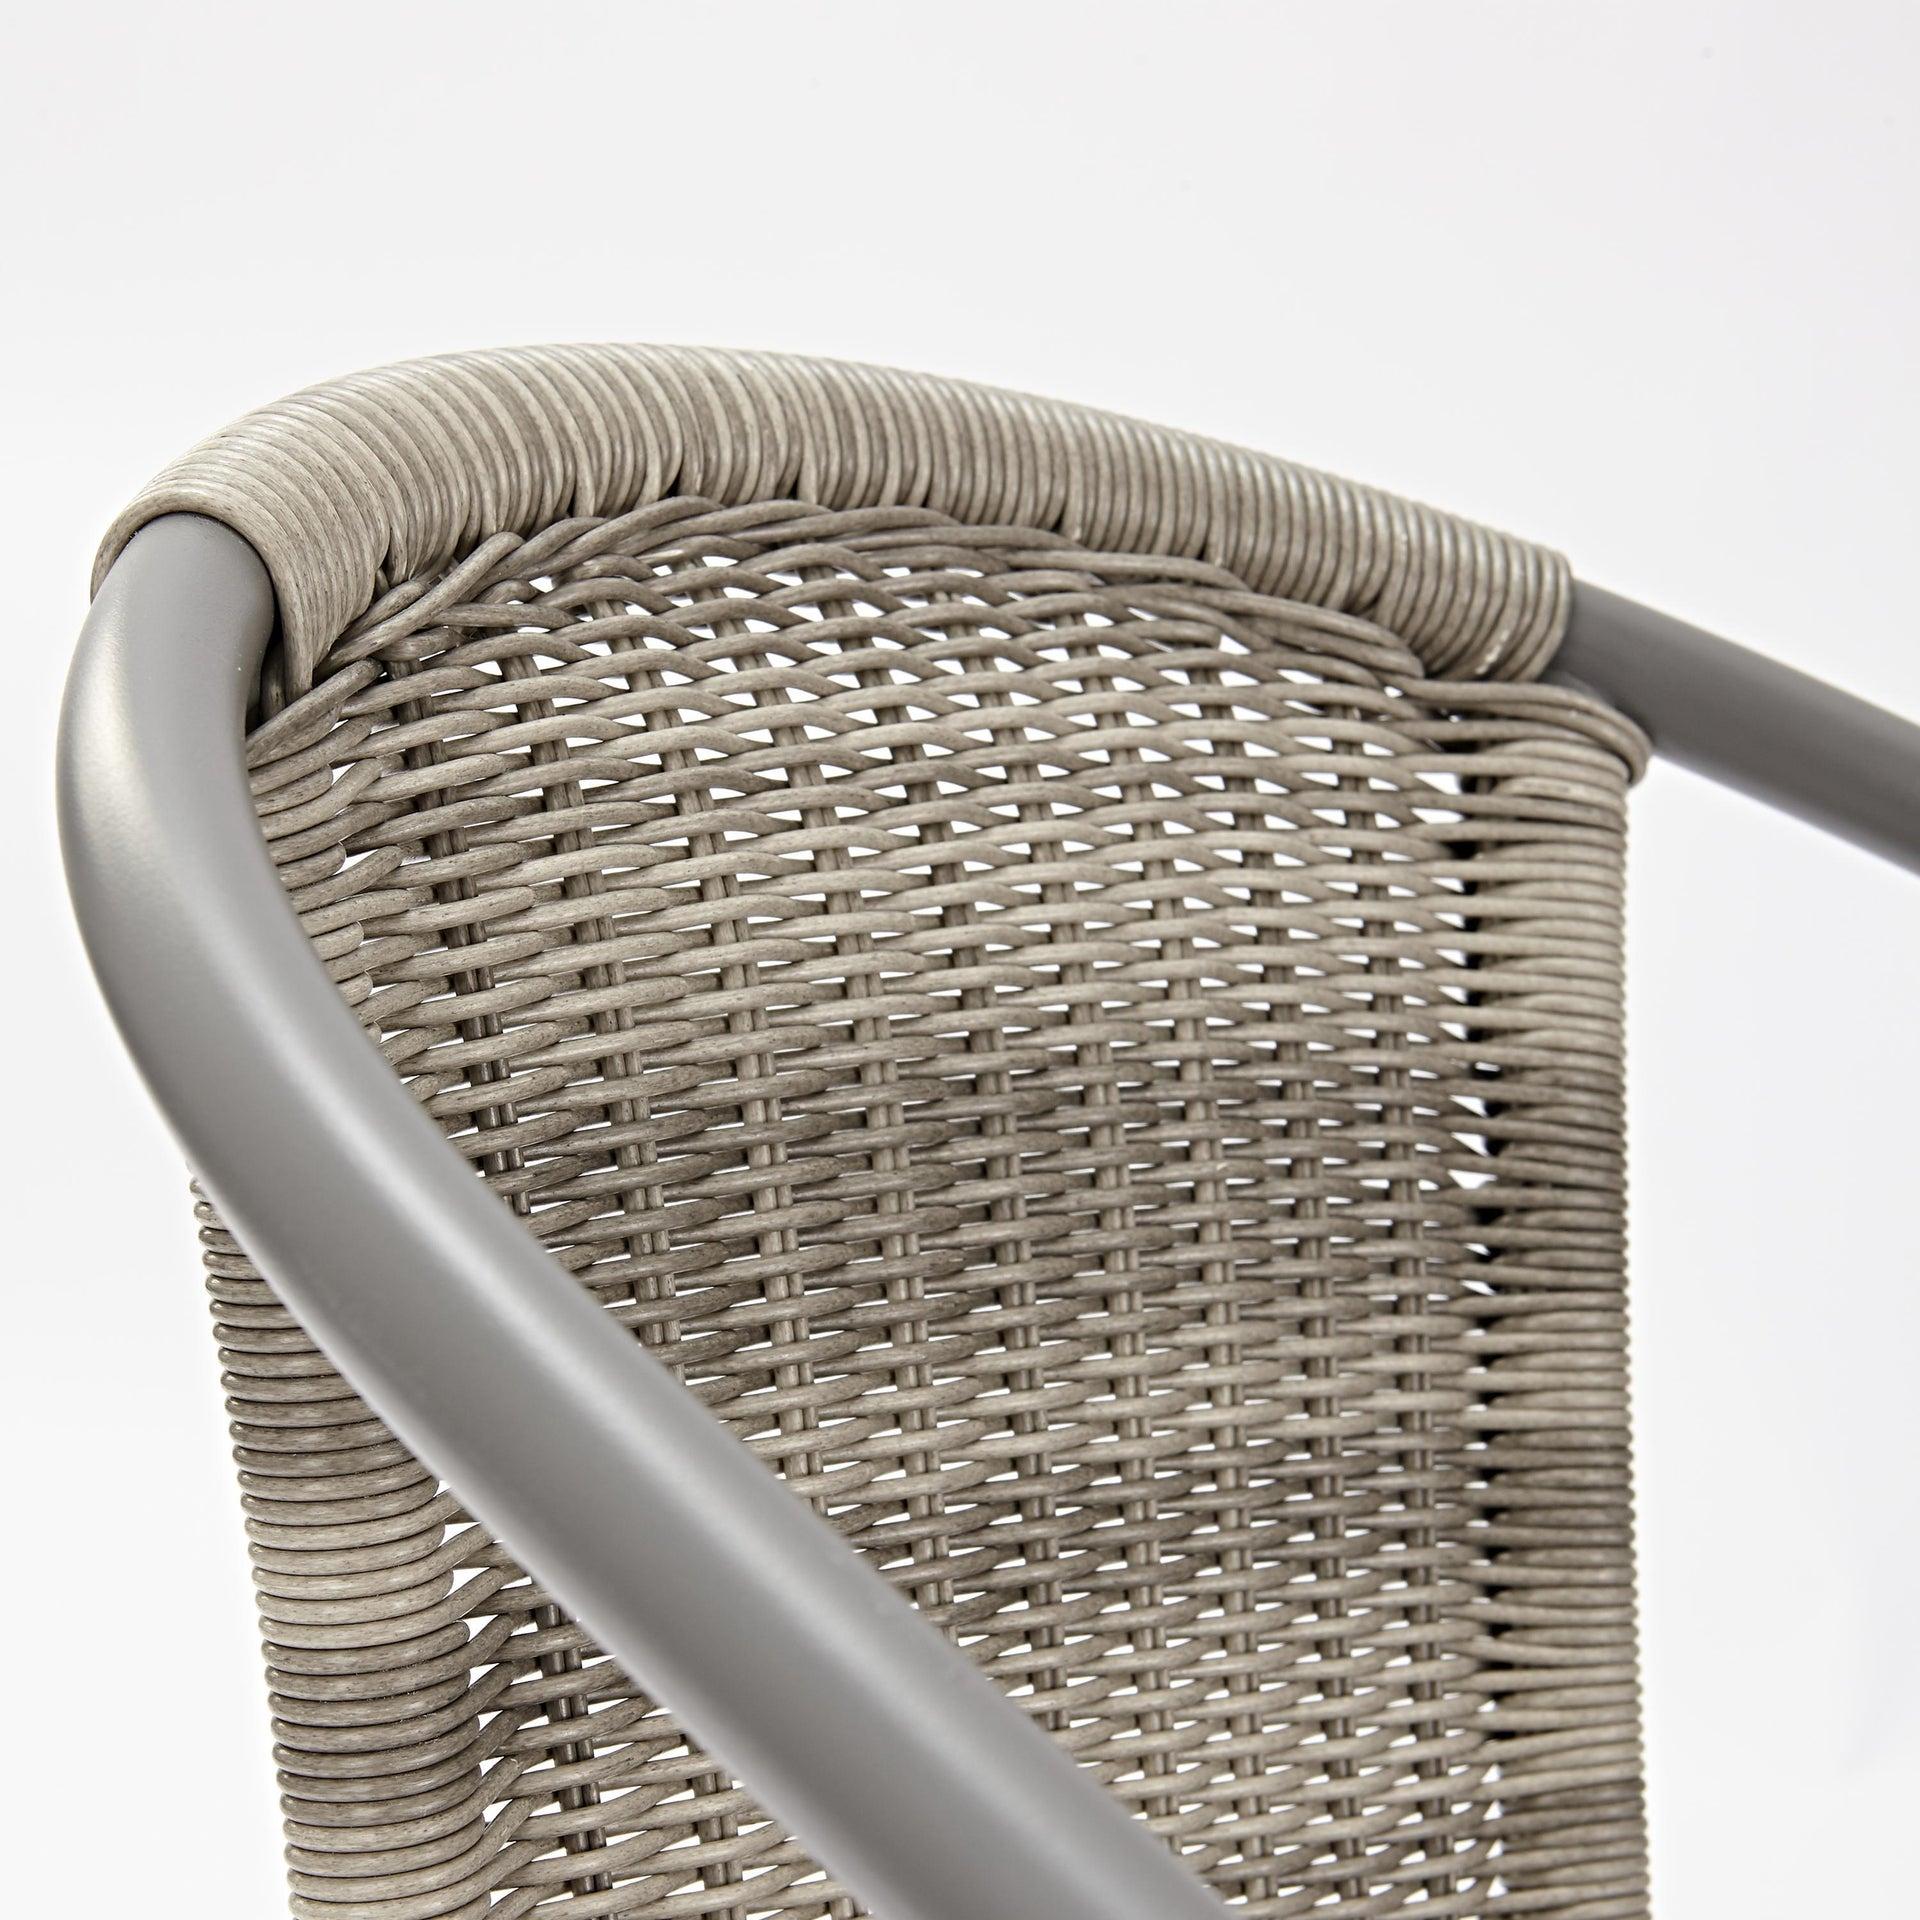 Sedia con braccioli senza cuscino in acciaio Elia colore beige - 7